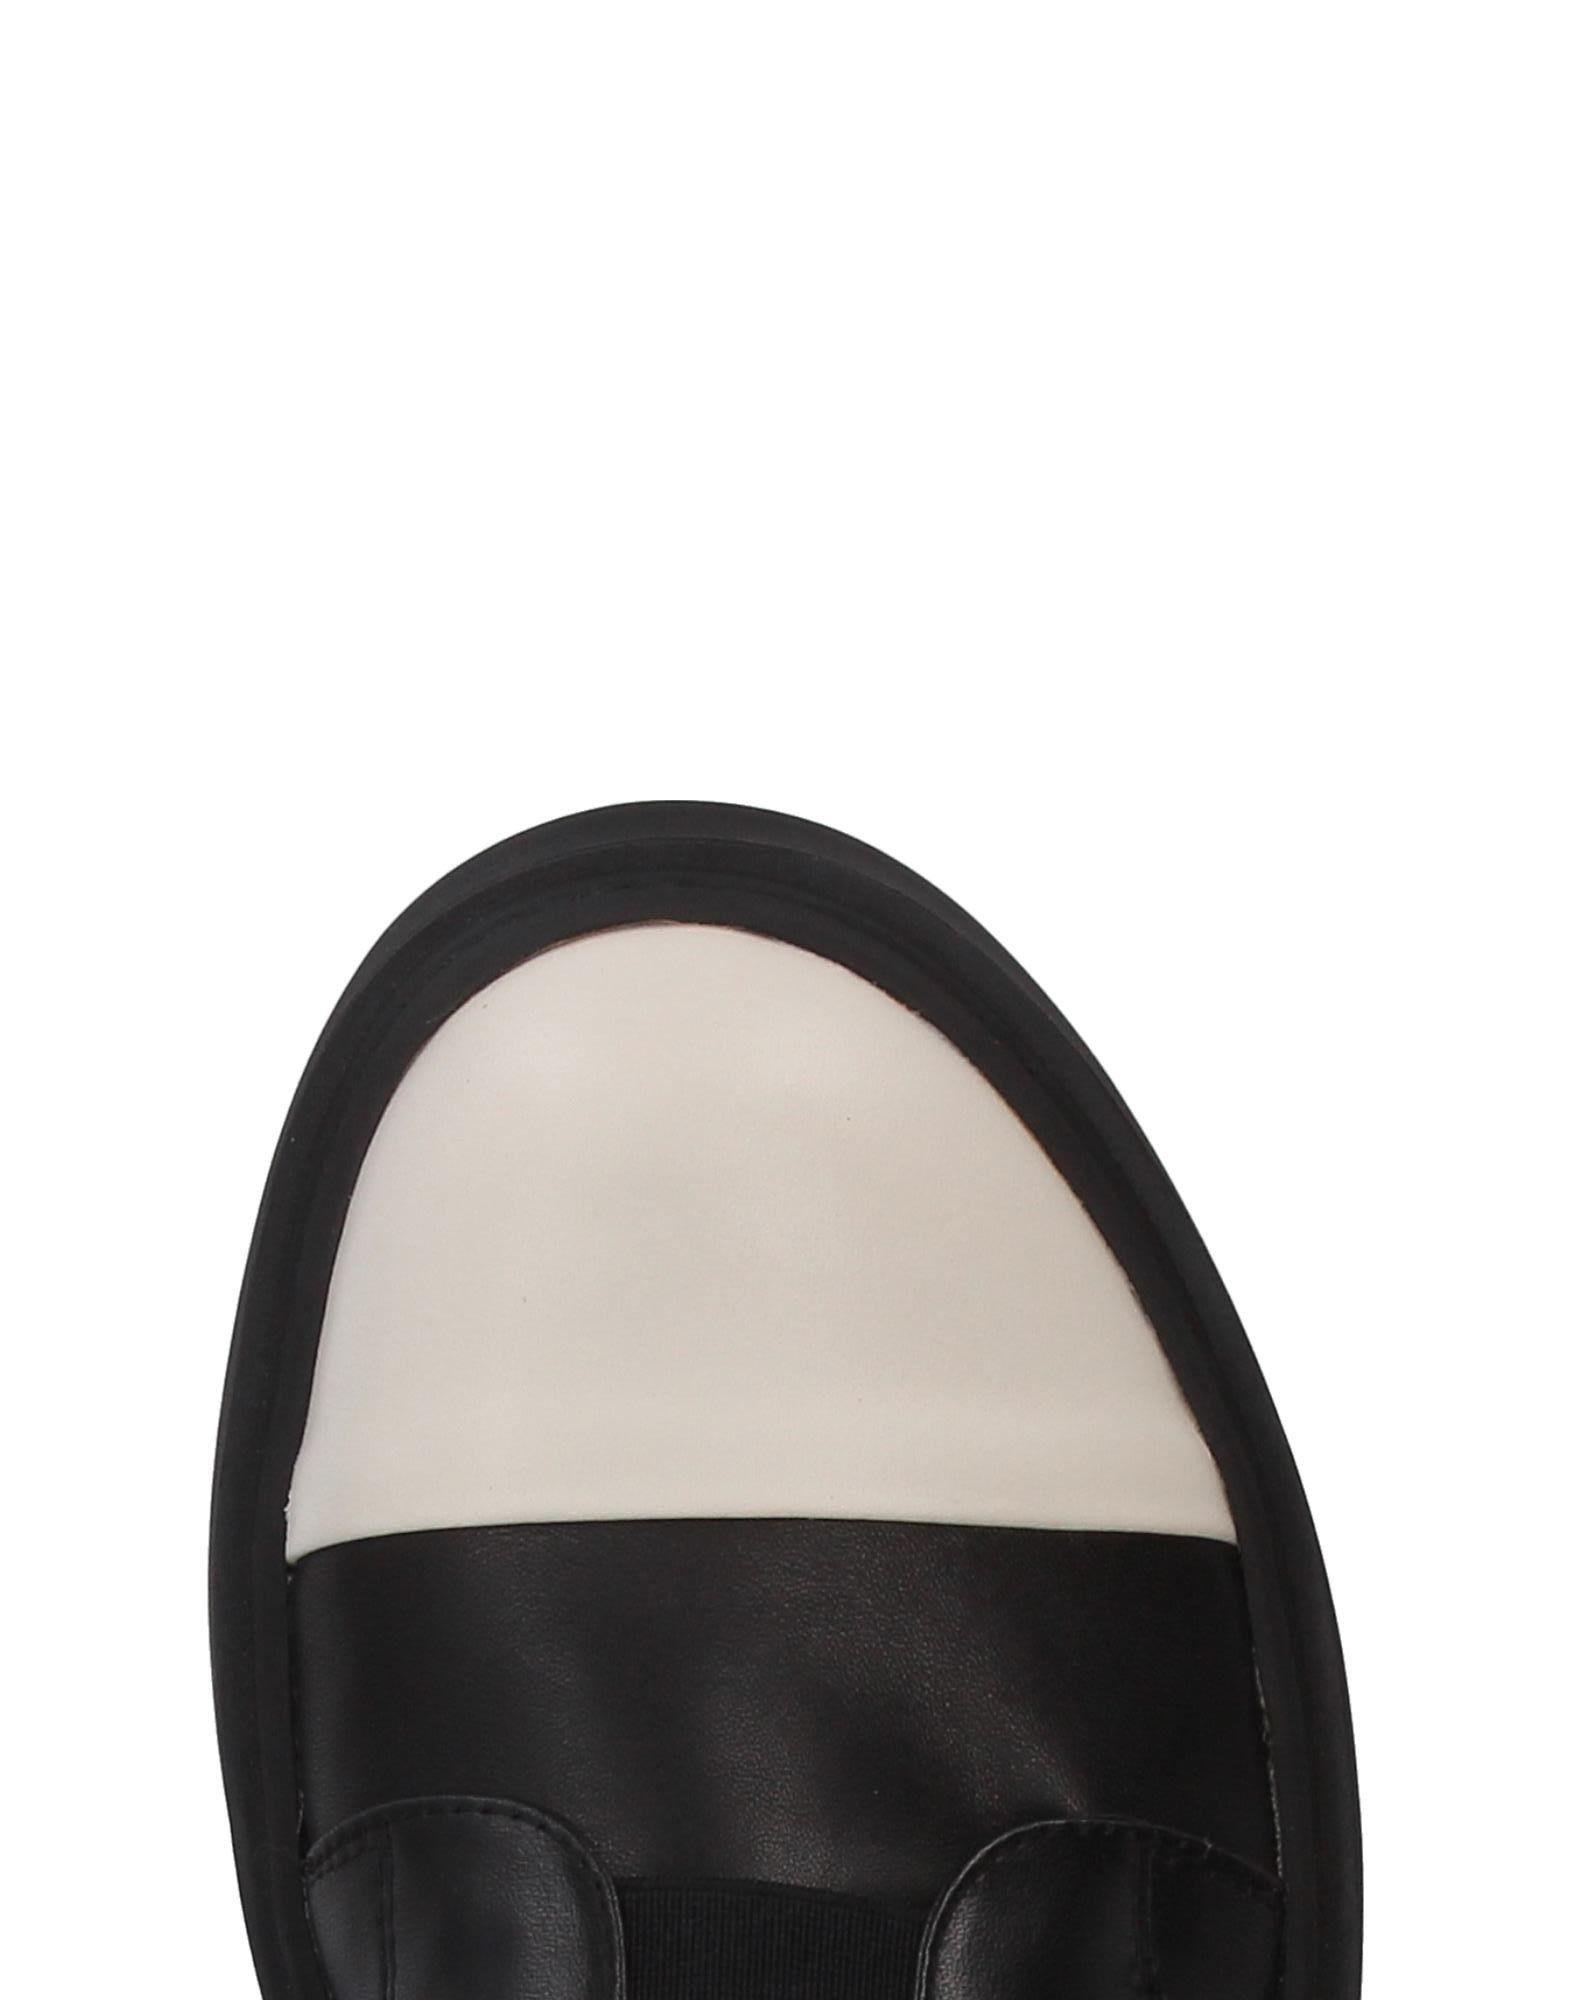 D.Gnak By Kang.D Sneakers Herren  11387187KB Gute Qualität beliebte Schuhe